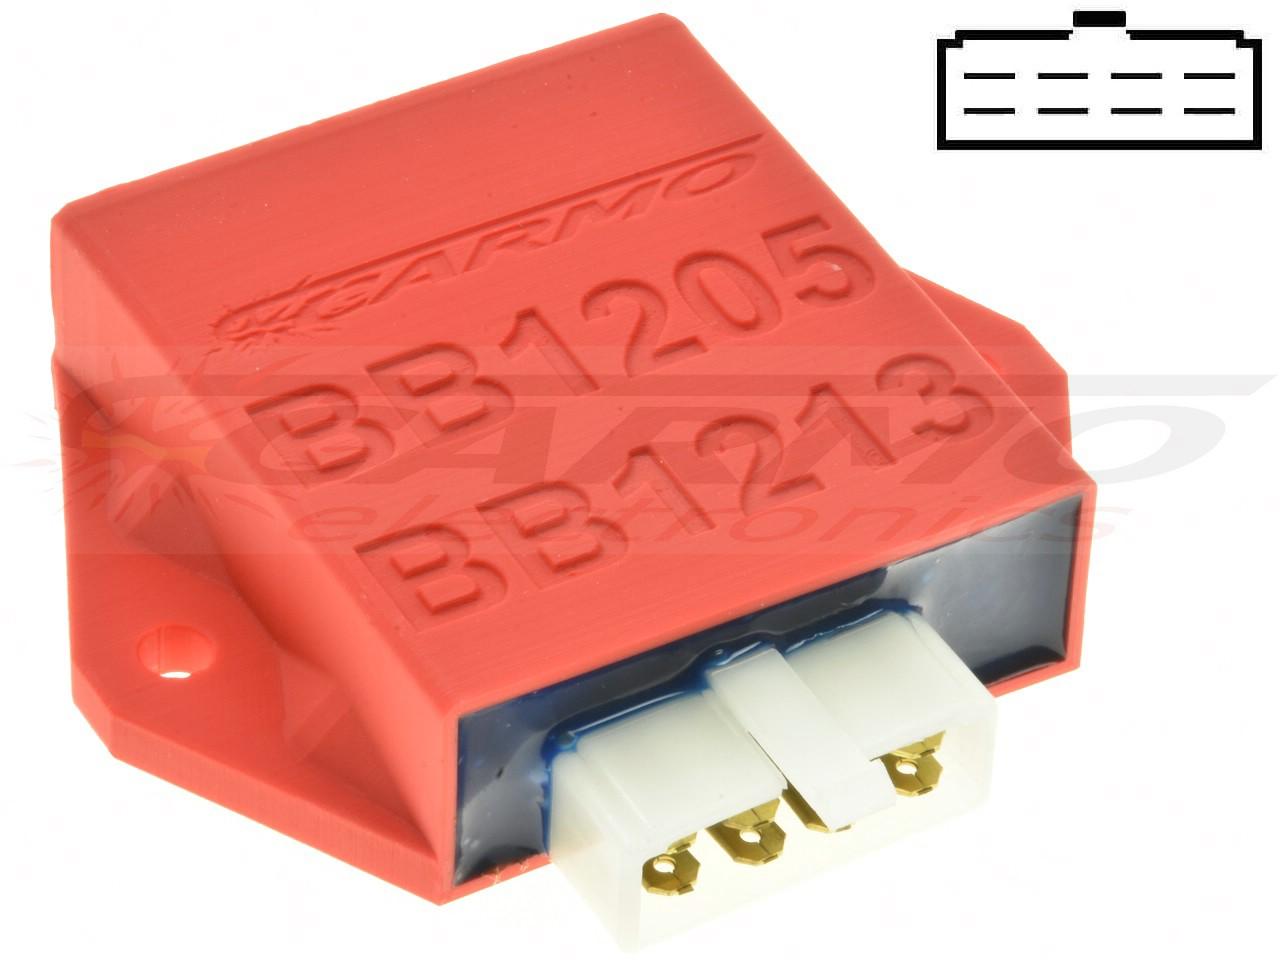 2000 suzuki intruder 1500 wiring diagram ford fiesta 2016 audio vl yamaha fzr 600